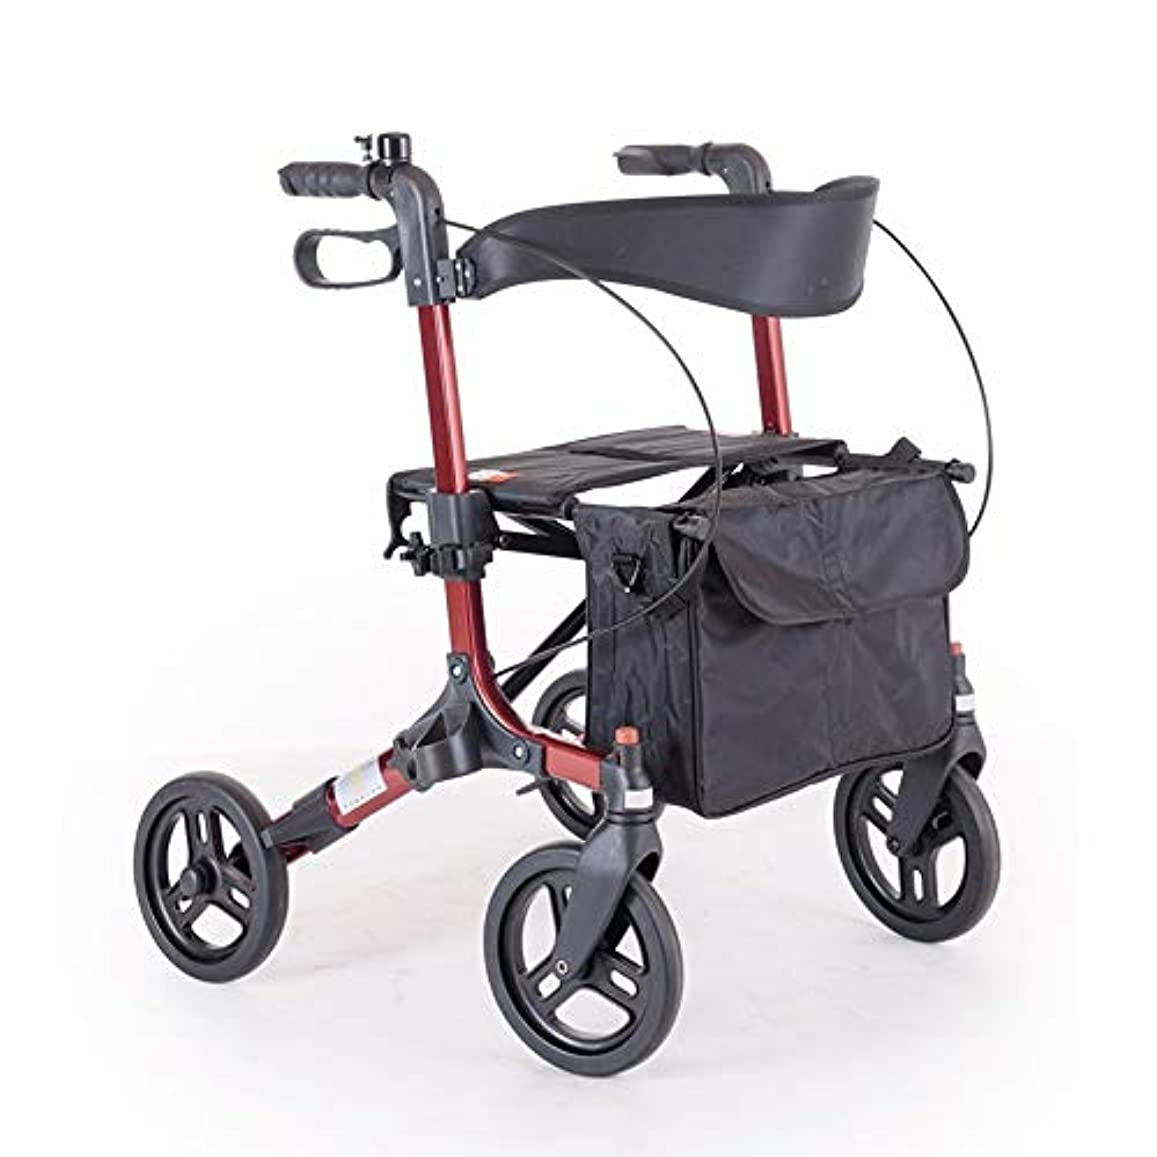 くま文明レンド折り畳み式の軽量コンパクトな歩行器、シートとバッグ付き